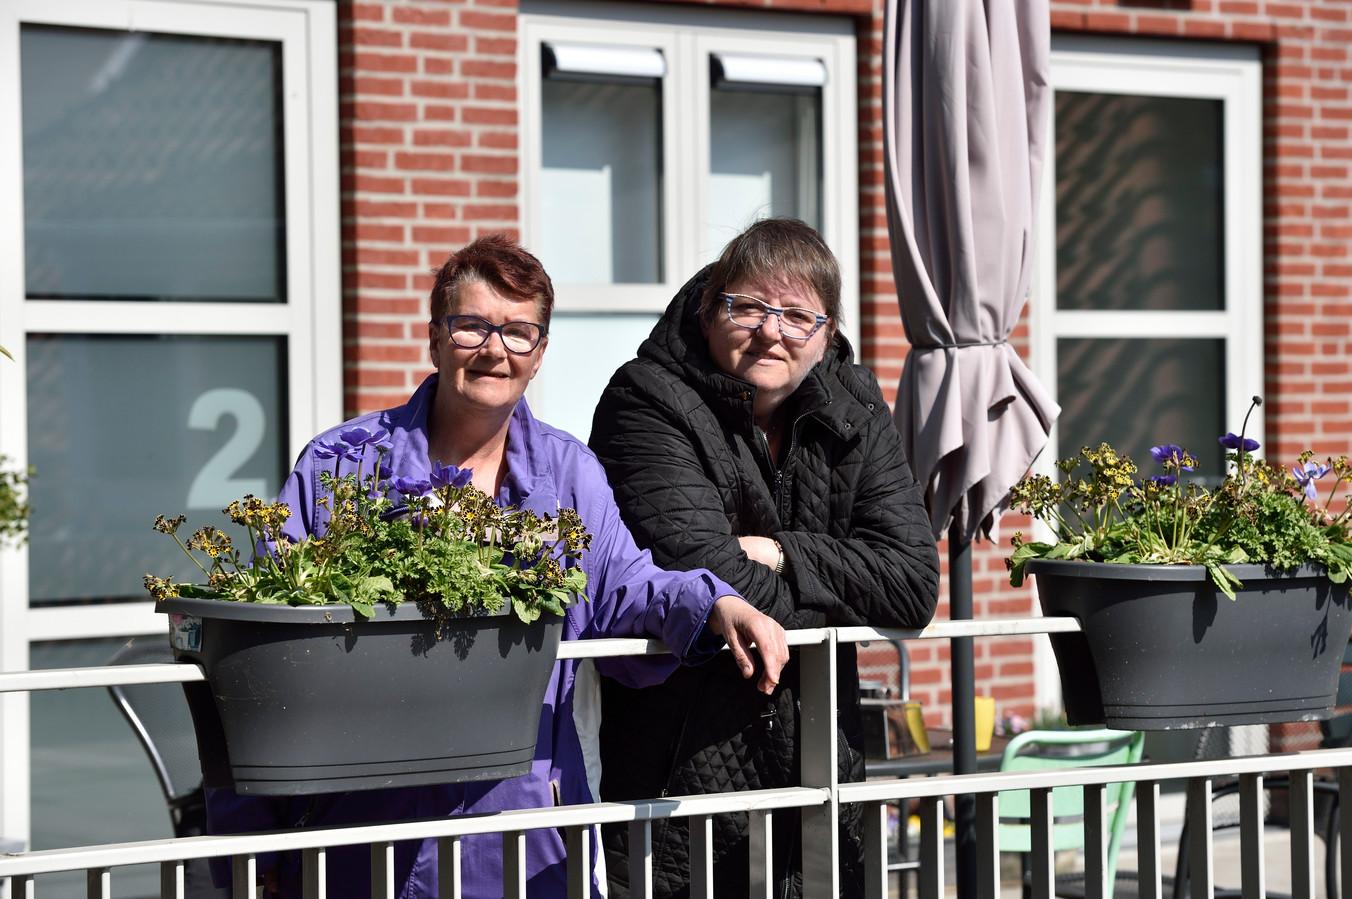 Bewoners Lia (55) en Dikkie (links 55).